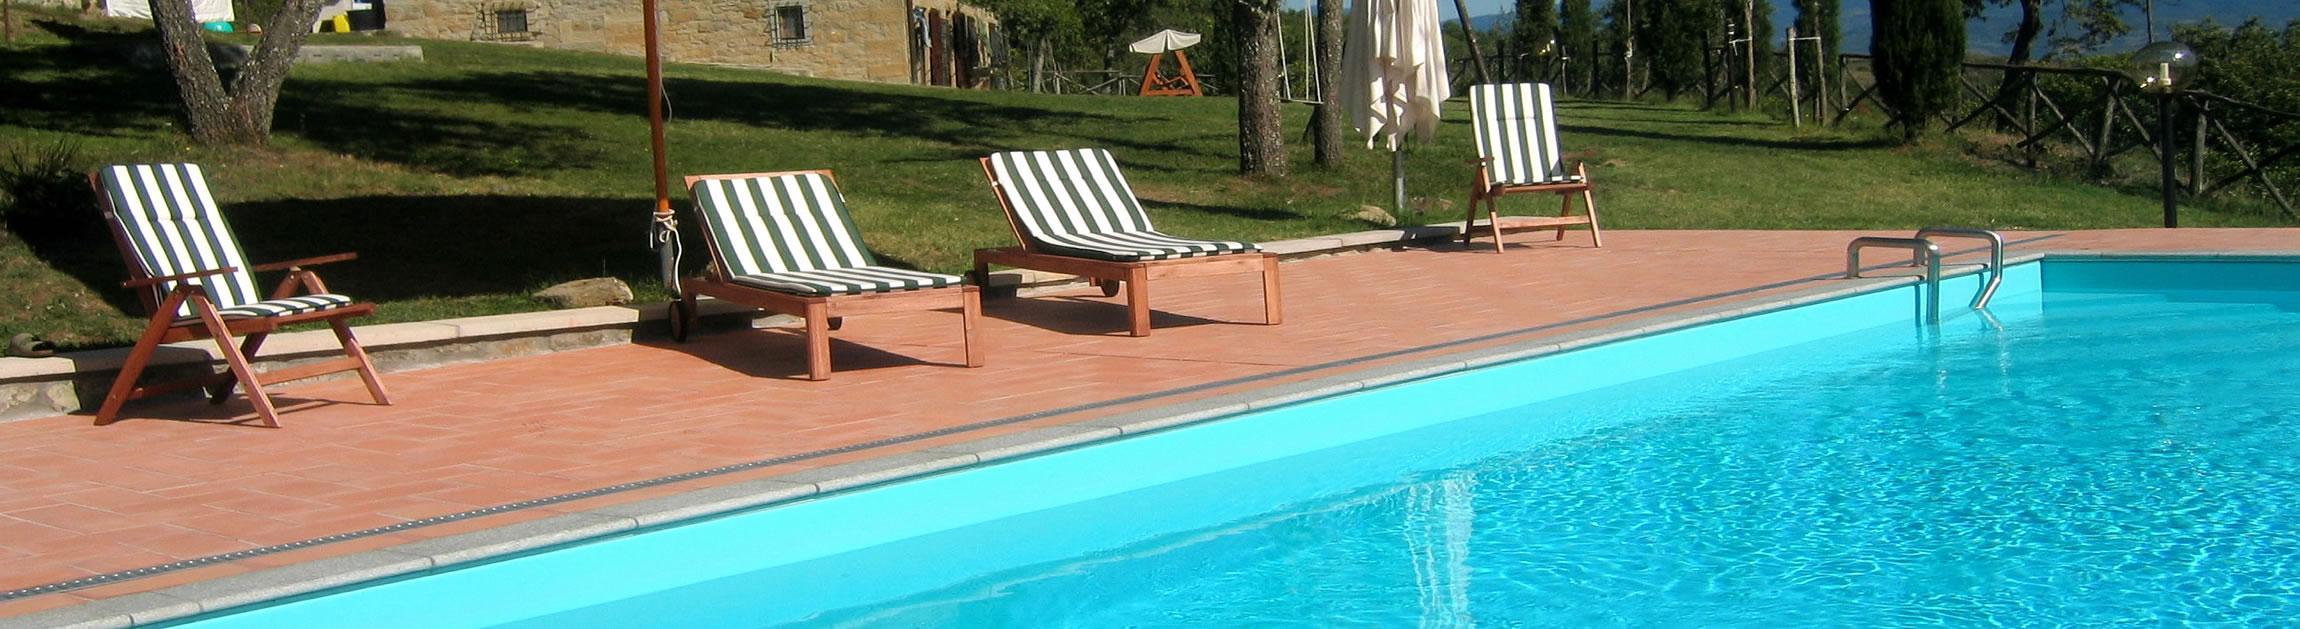 Ferienwohnung Mit Pool In Der Toskana: Mariagiovanna